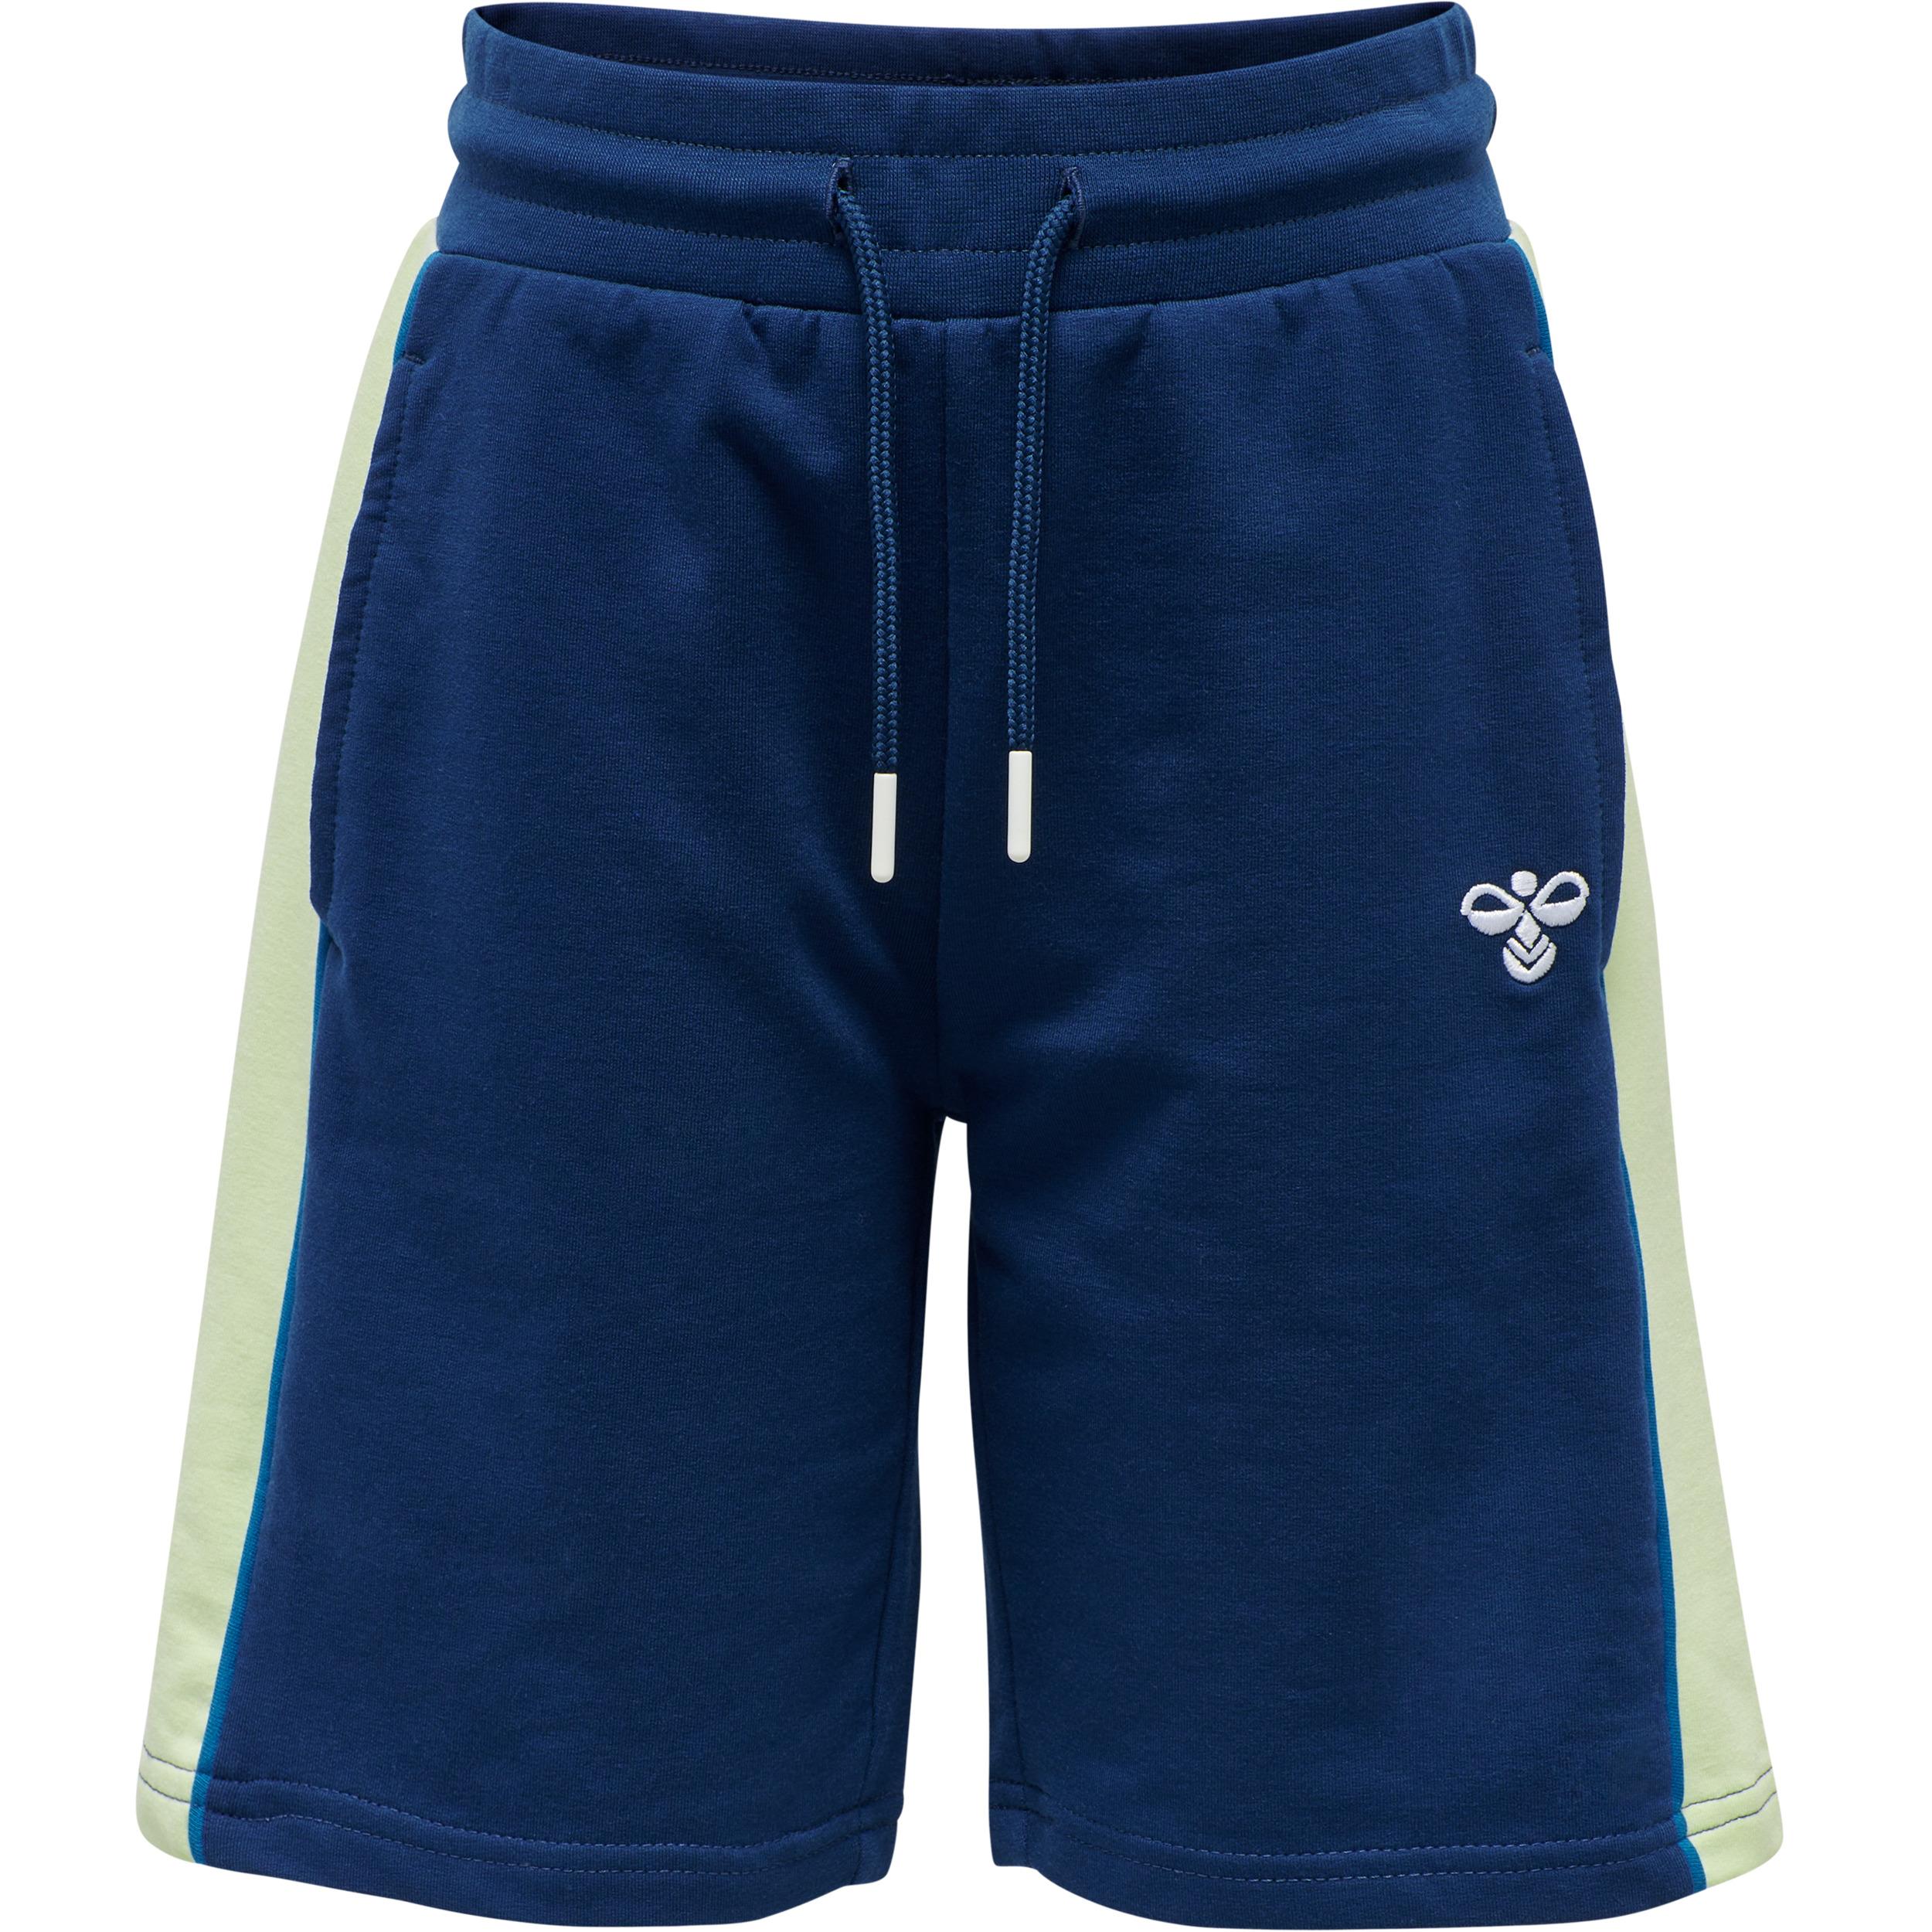 Hummel defender shorts